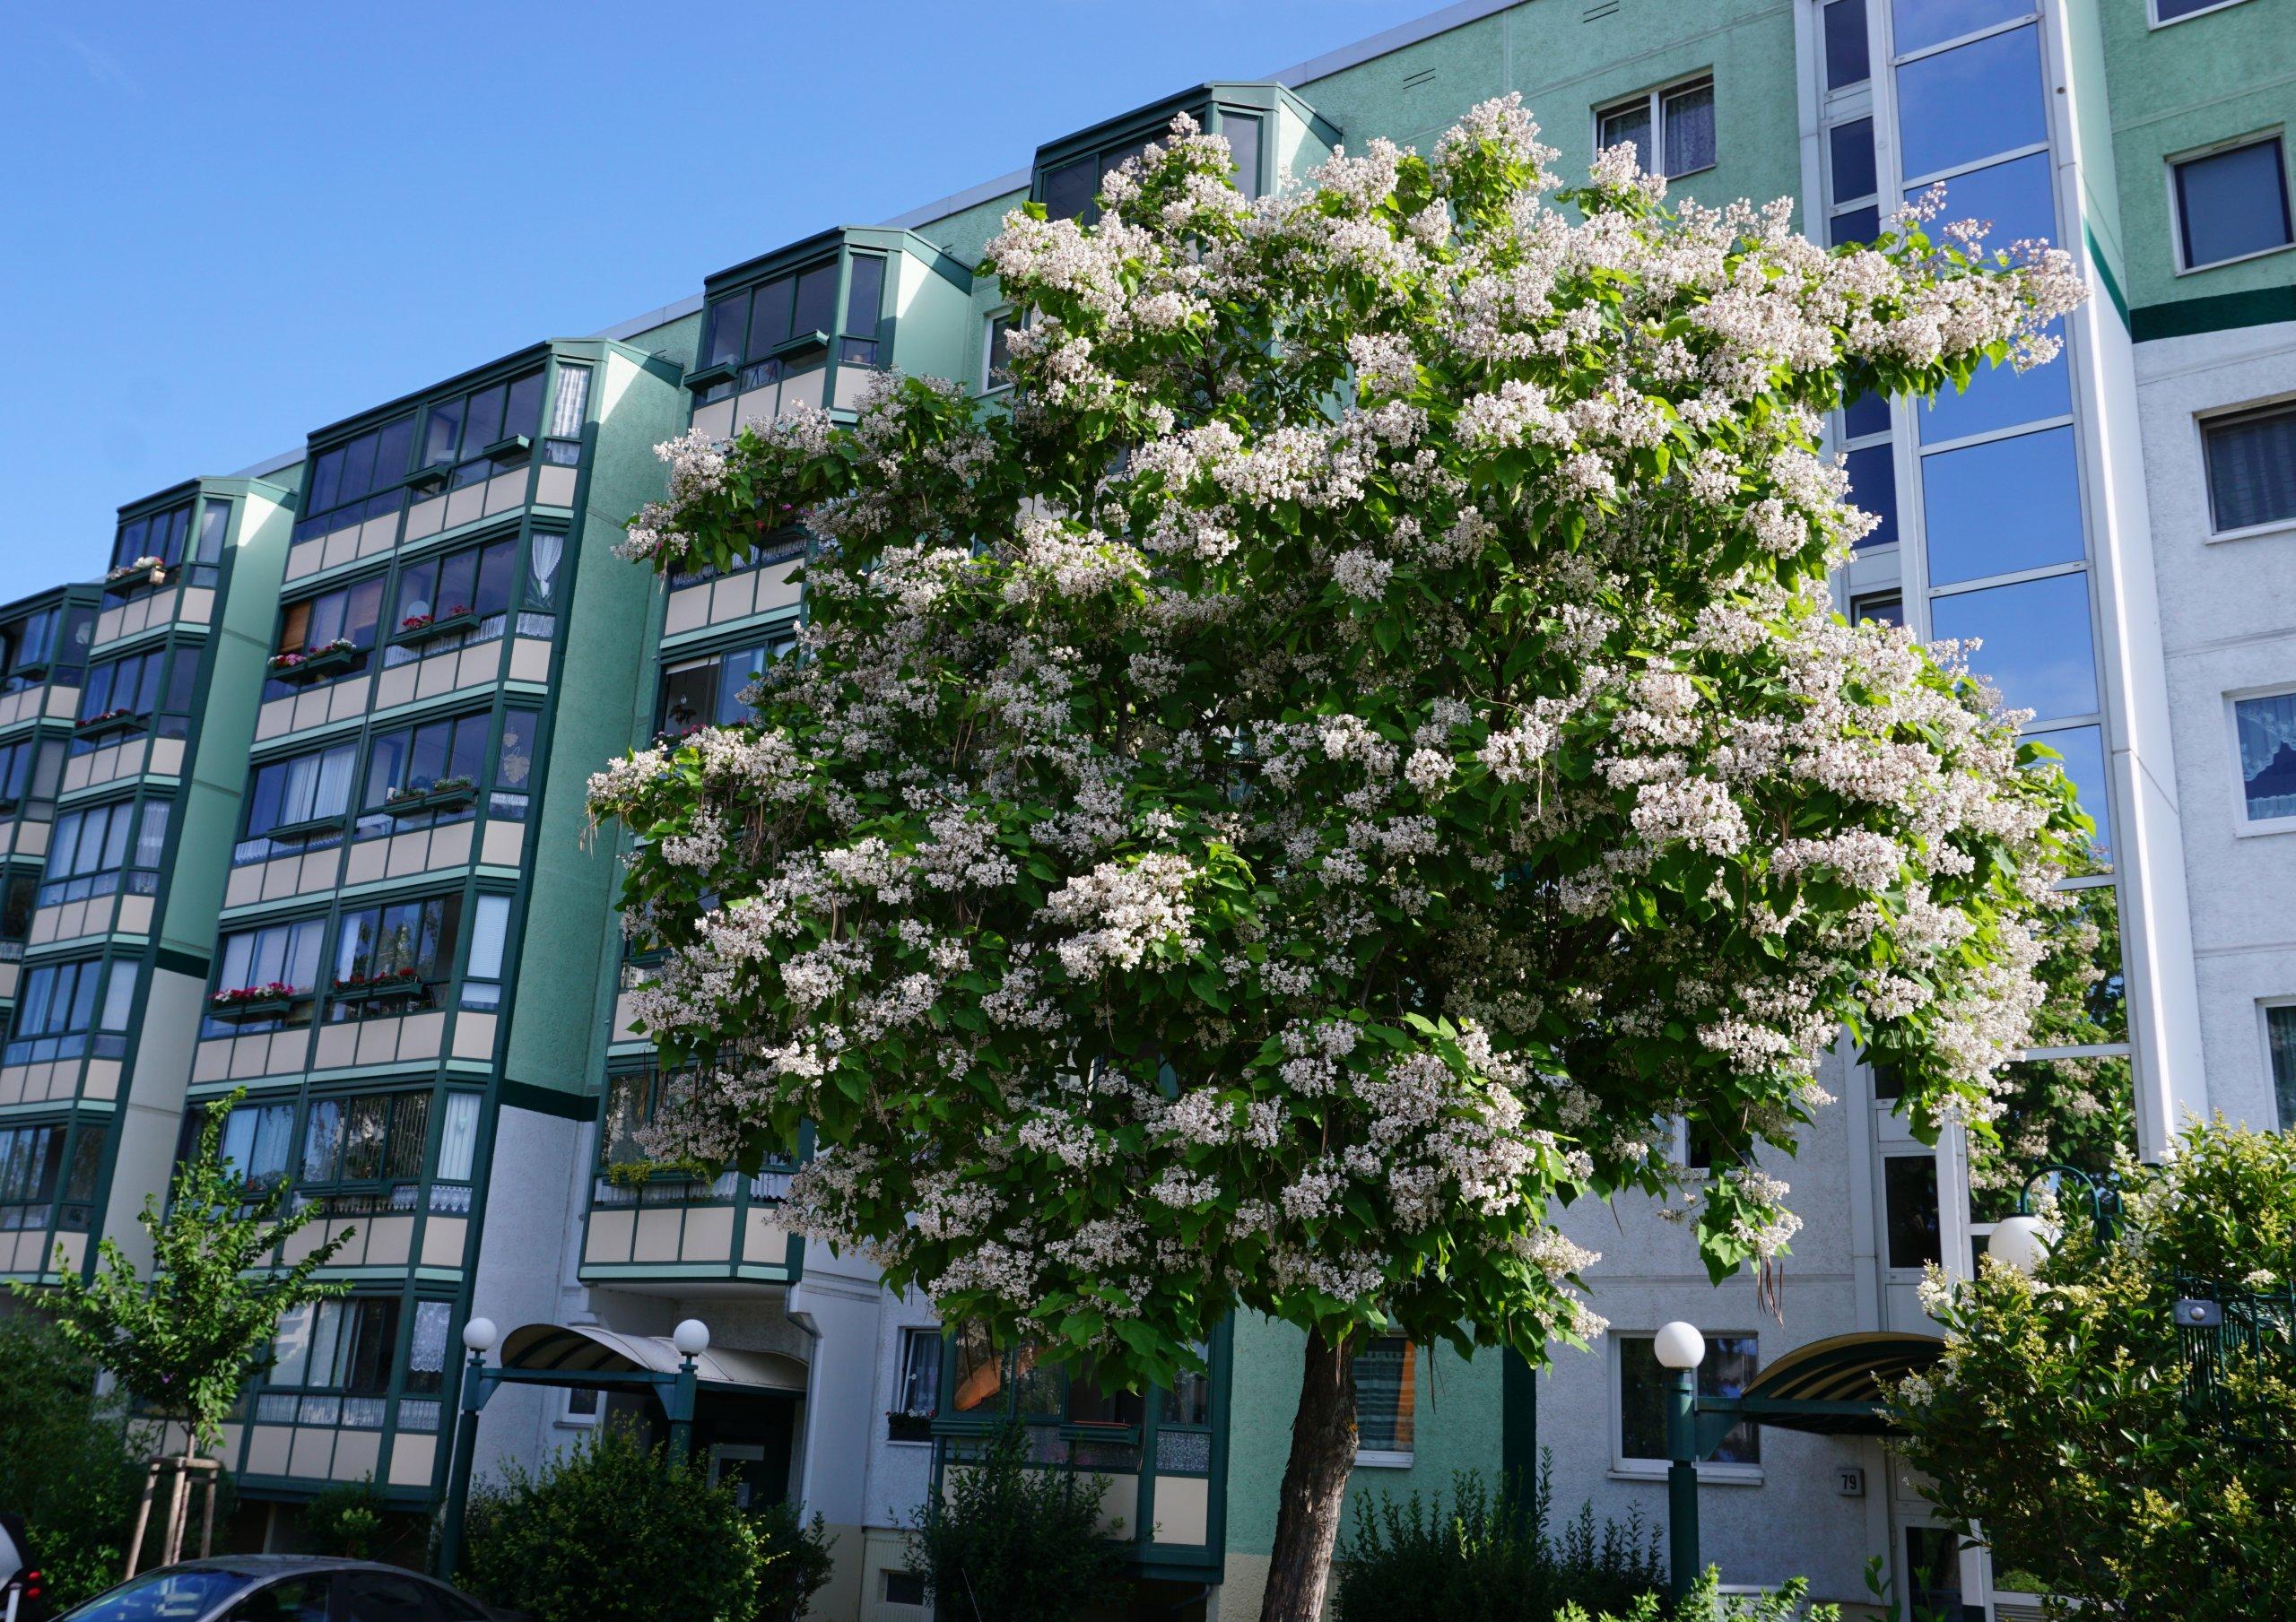 Das Bild zeigt die Krone eines Trompetenbaumes in voller Blüte am Ostende der Venusstraße im Kosmosviertel.